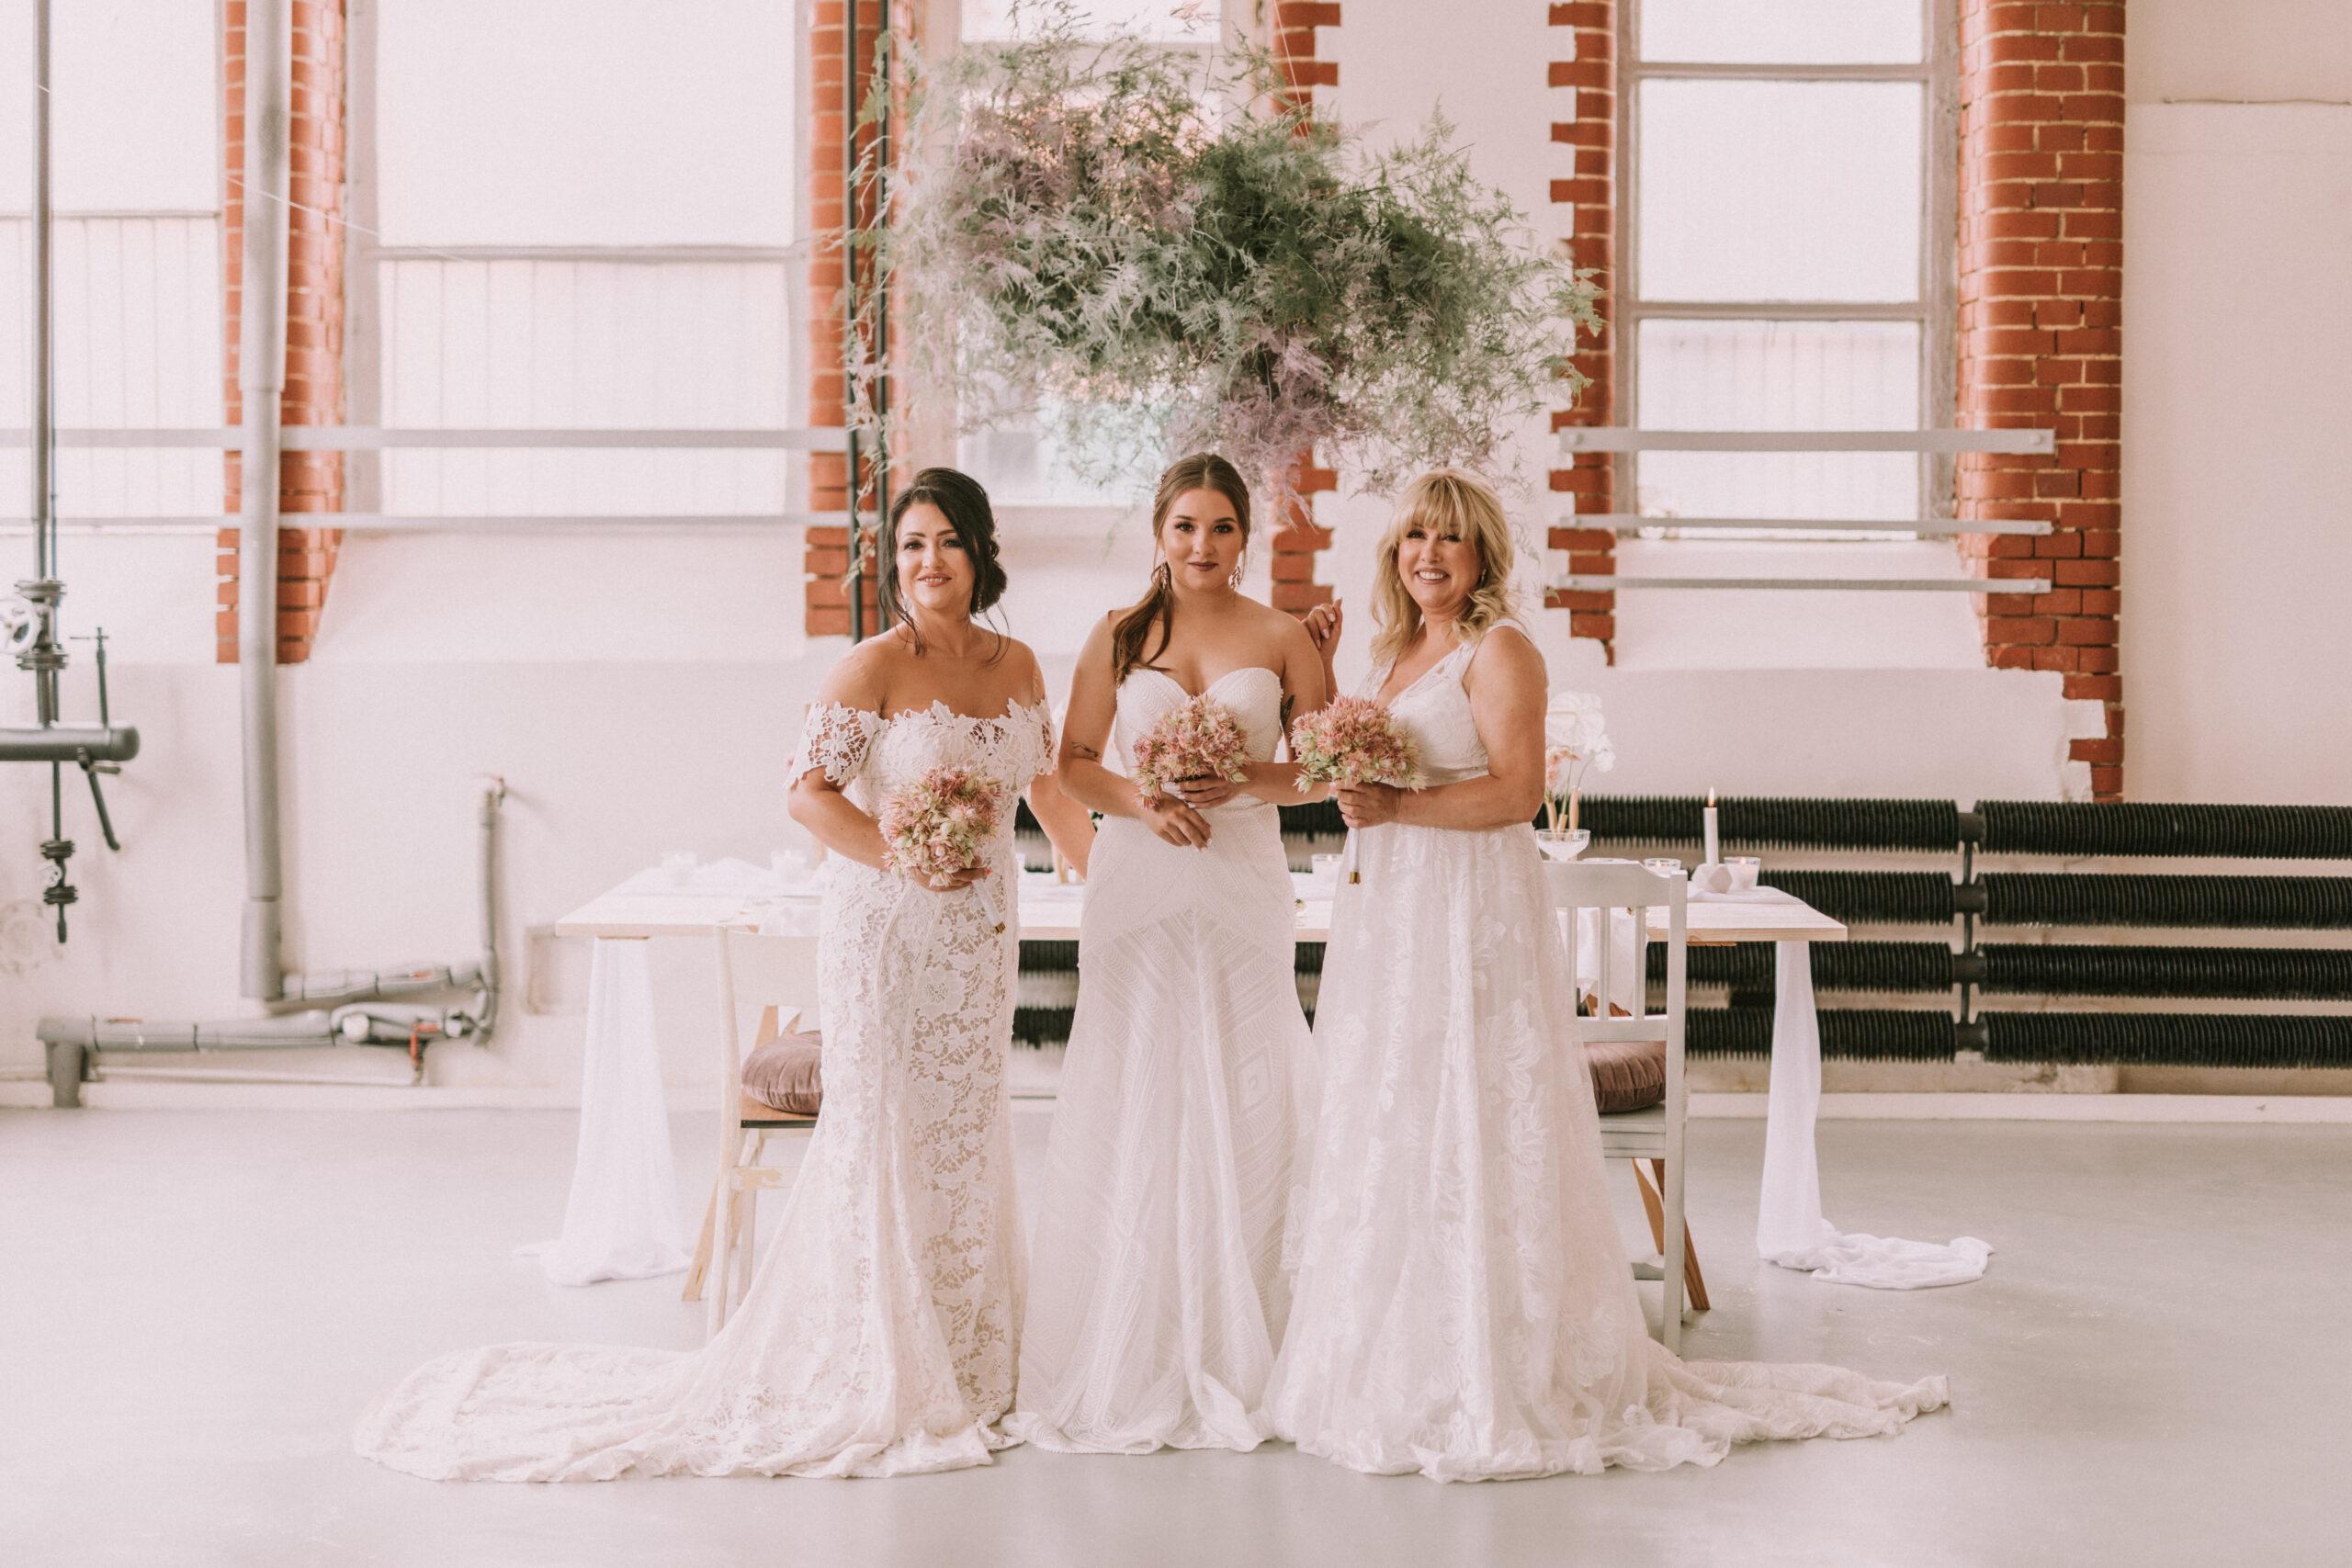 Papeteria ślubna w stylu Modern Vintage w niezwykłej sesji zdjęciowej ukazującej trzy pokolenia pięknych kobiet.